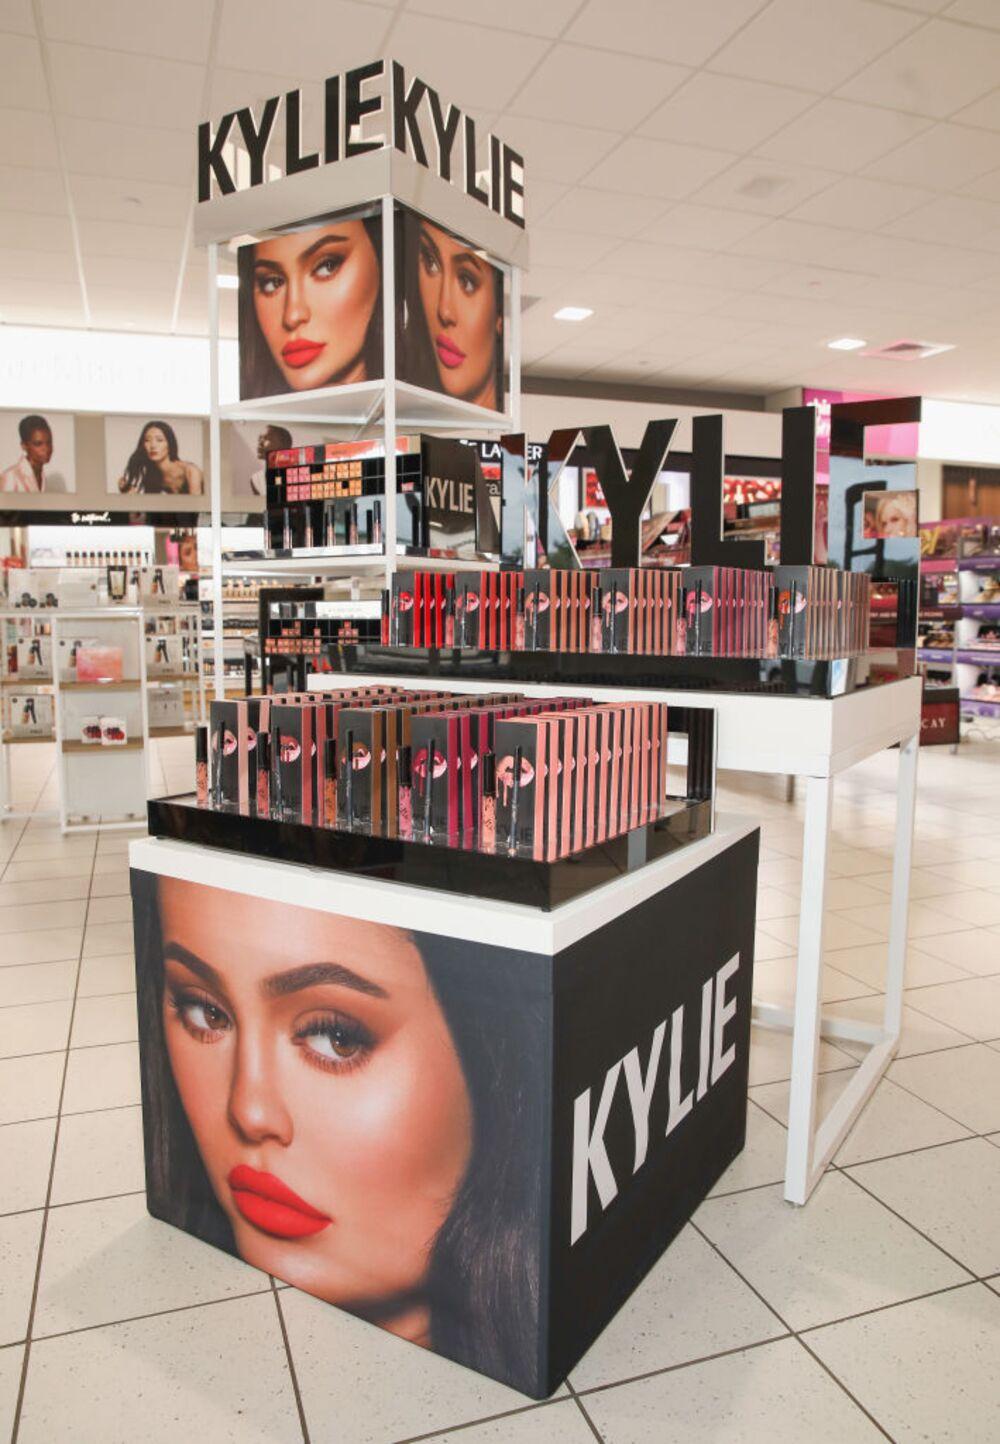 8fa731d5440 Kylie Jenner Isn't Only Reason Ulta Beauty (ULTA) Wins With Gen Z ...